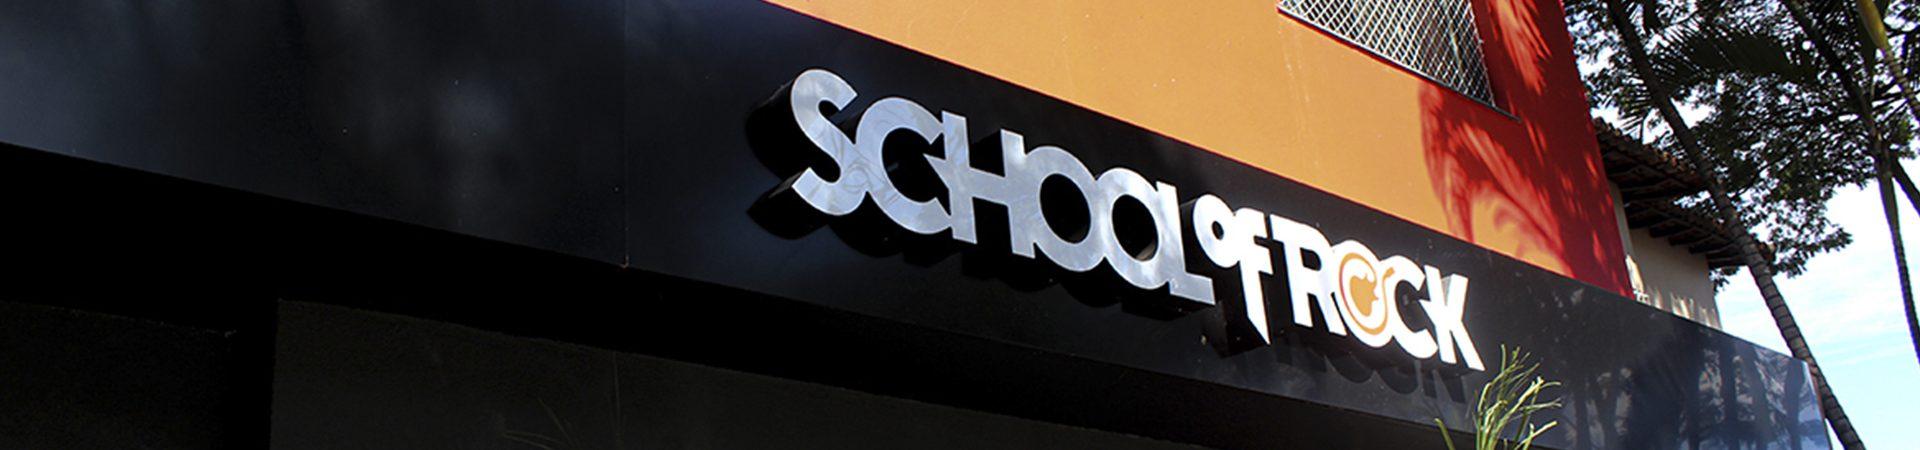 banner school